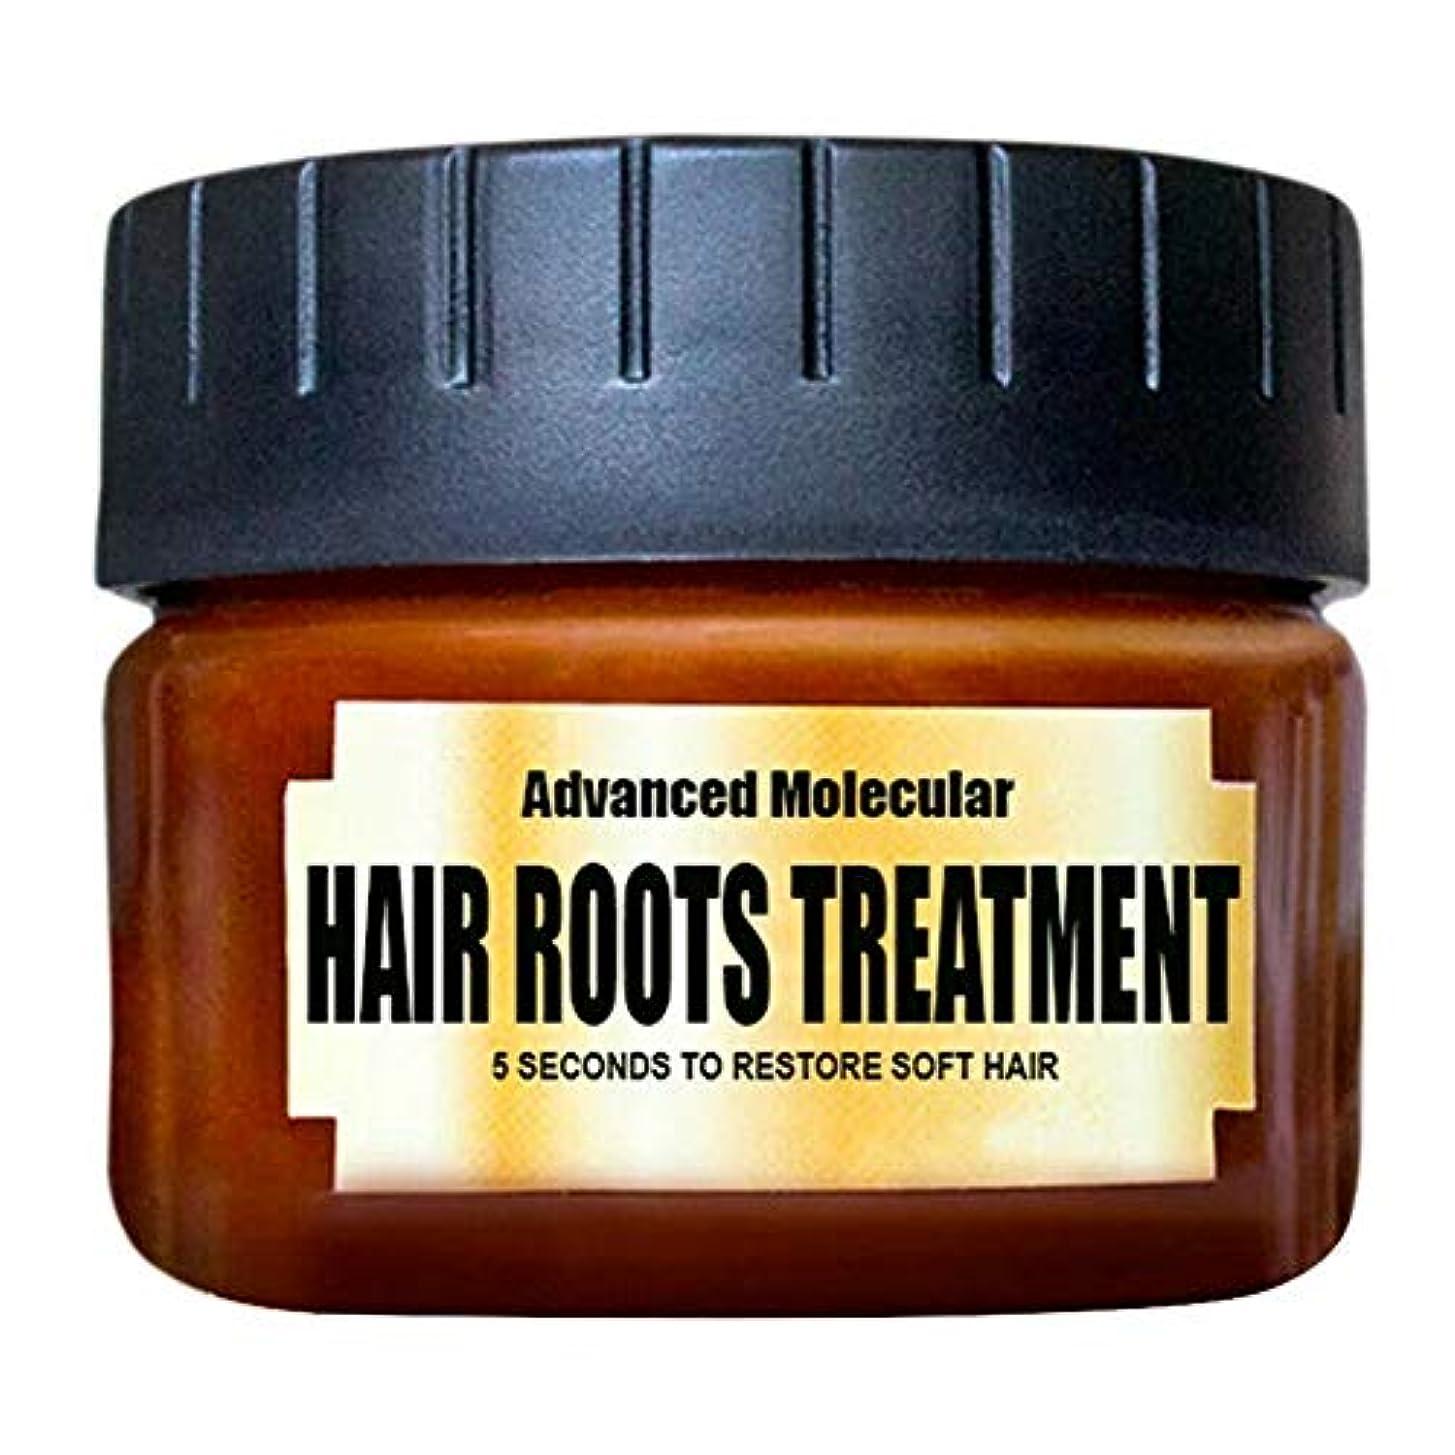 ファイターに賛成薬用BTFirst ヘアルーツトリートメント健康的なソフトヘアケアエッセンスを修復柔らかい髪を取り戻す弾力性を取り戻し健康を取り戻し効果的で便利